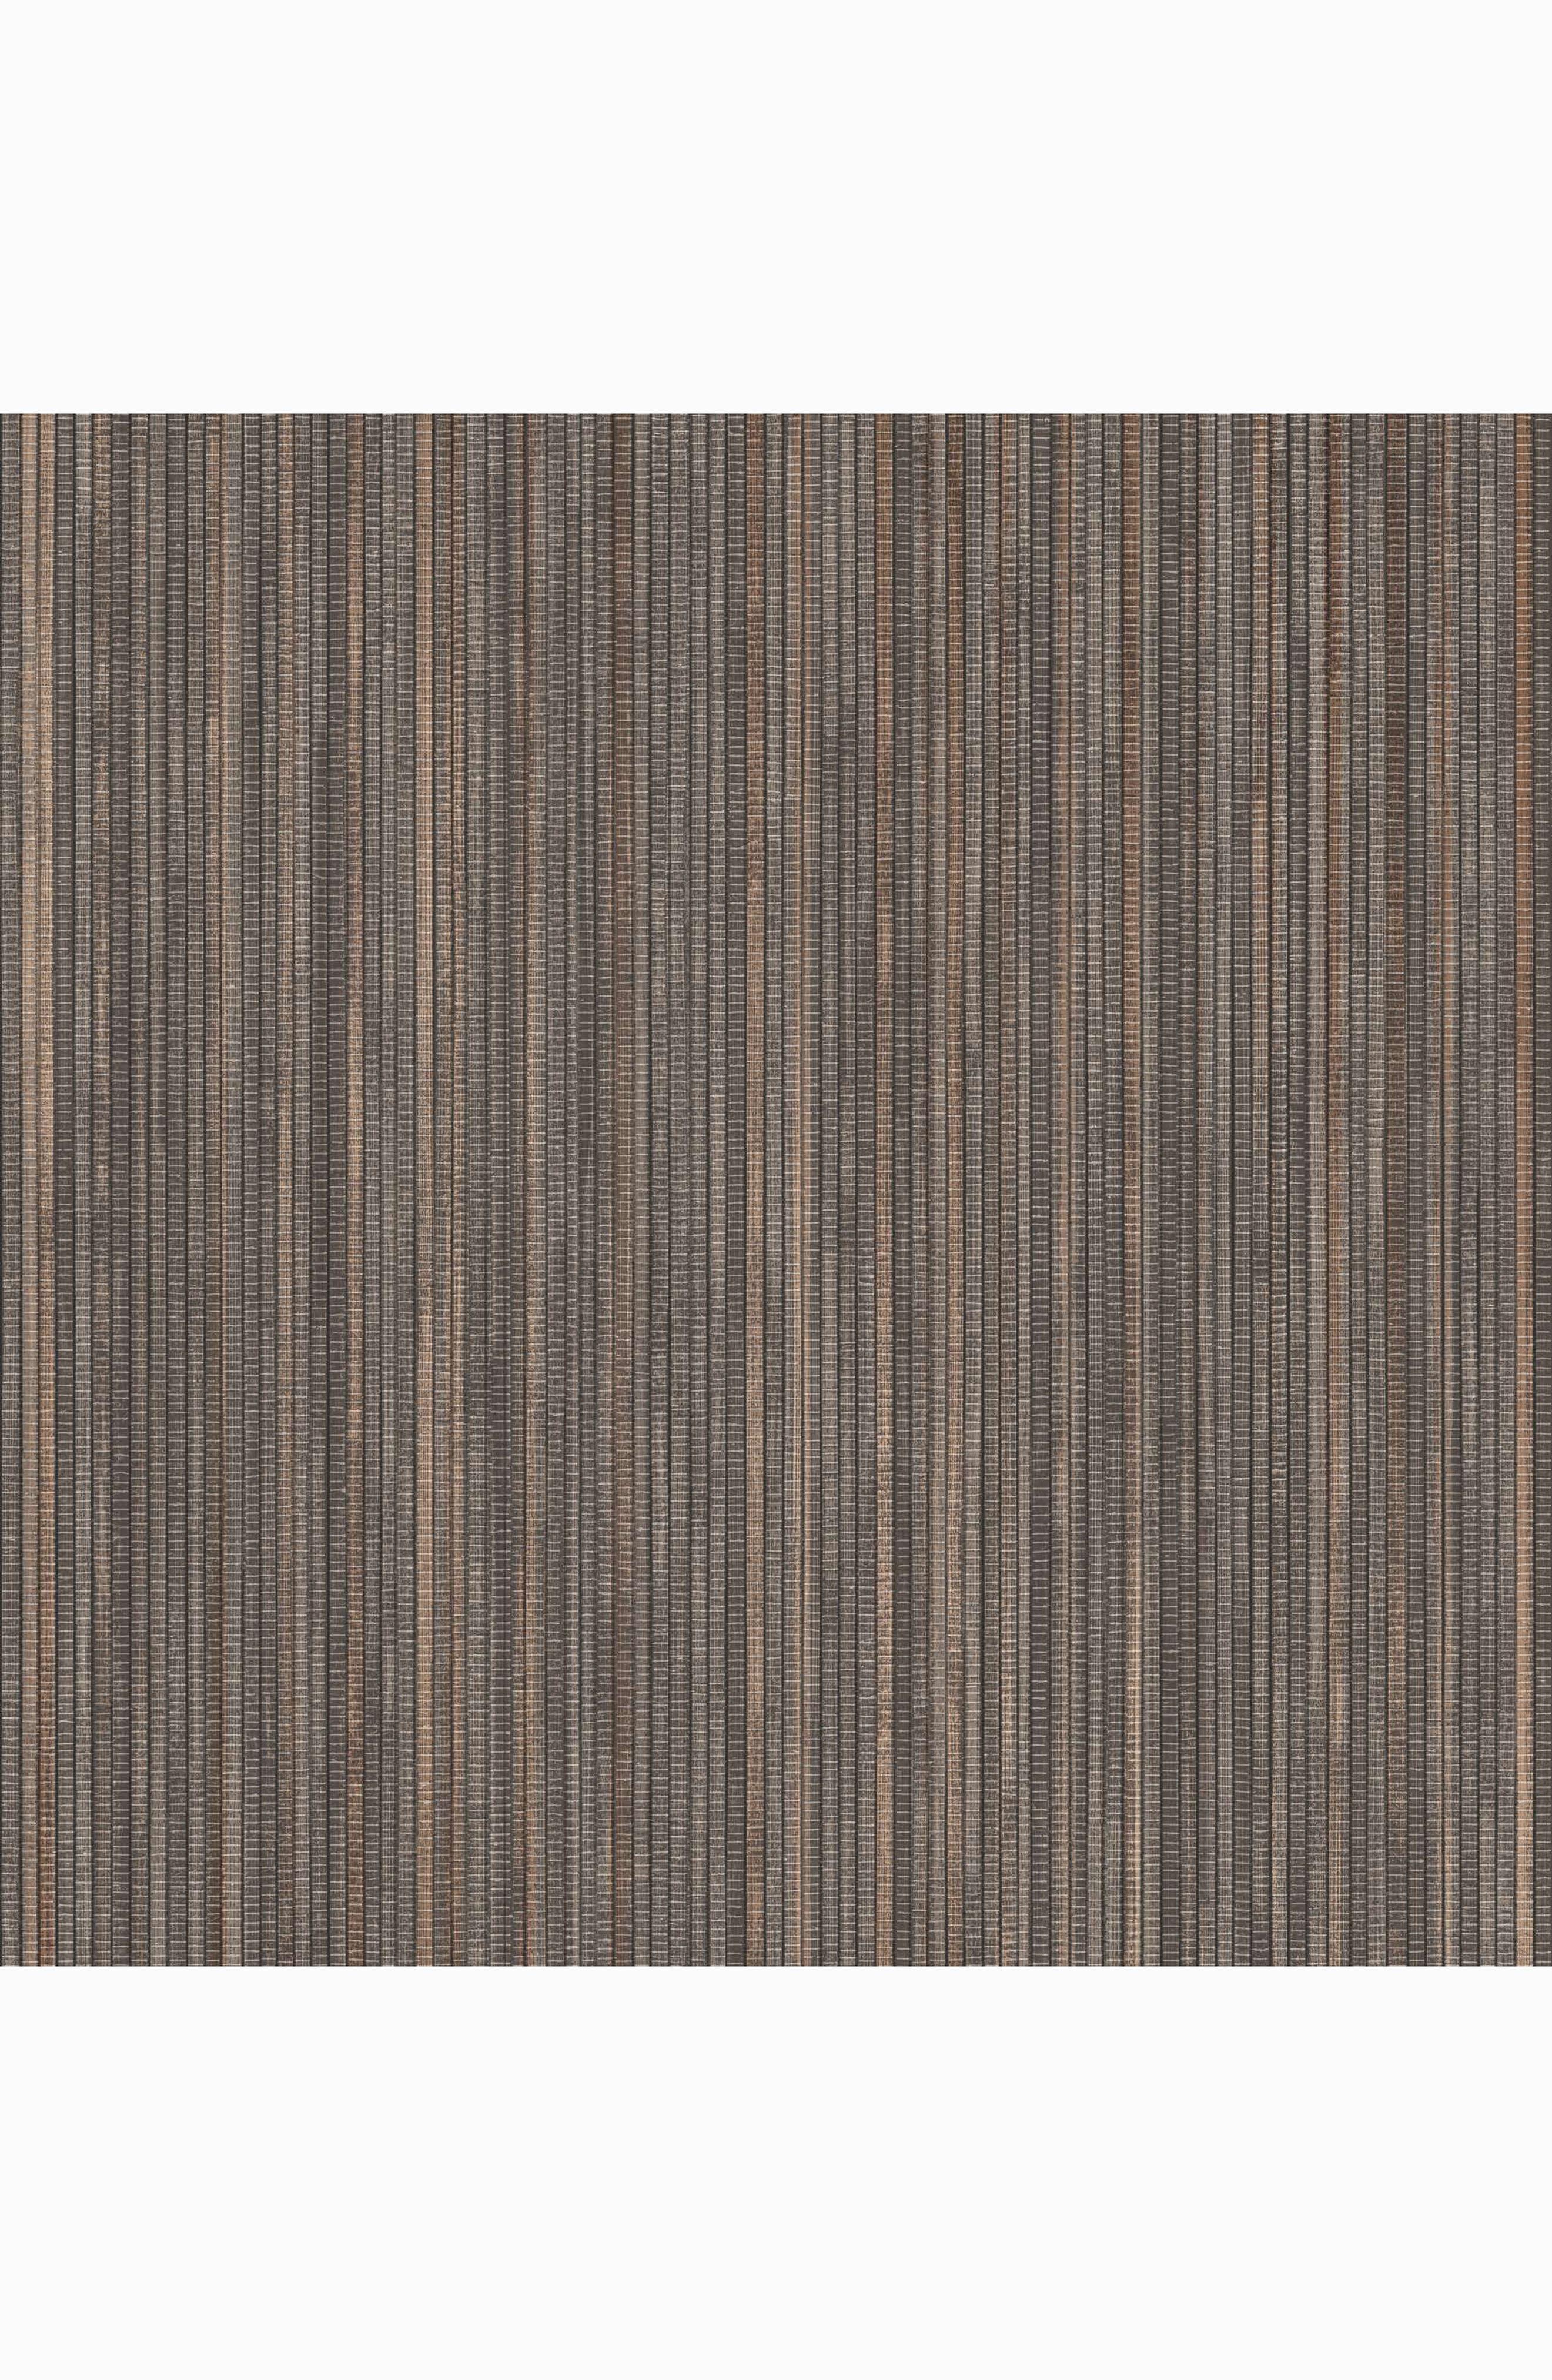 Alternate Image 1 Selected - Tempaper Grasscloth Self-Adhesive Vinyl Wallpaper